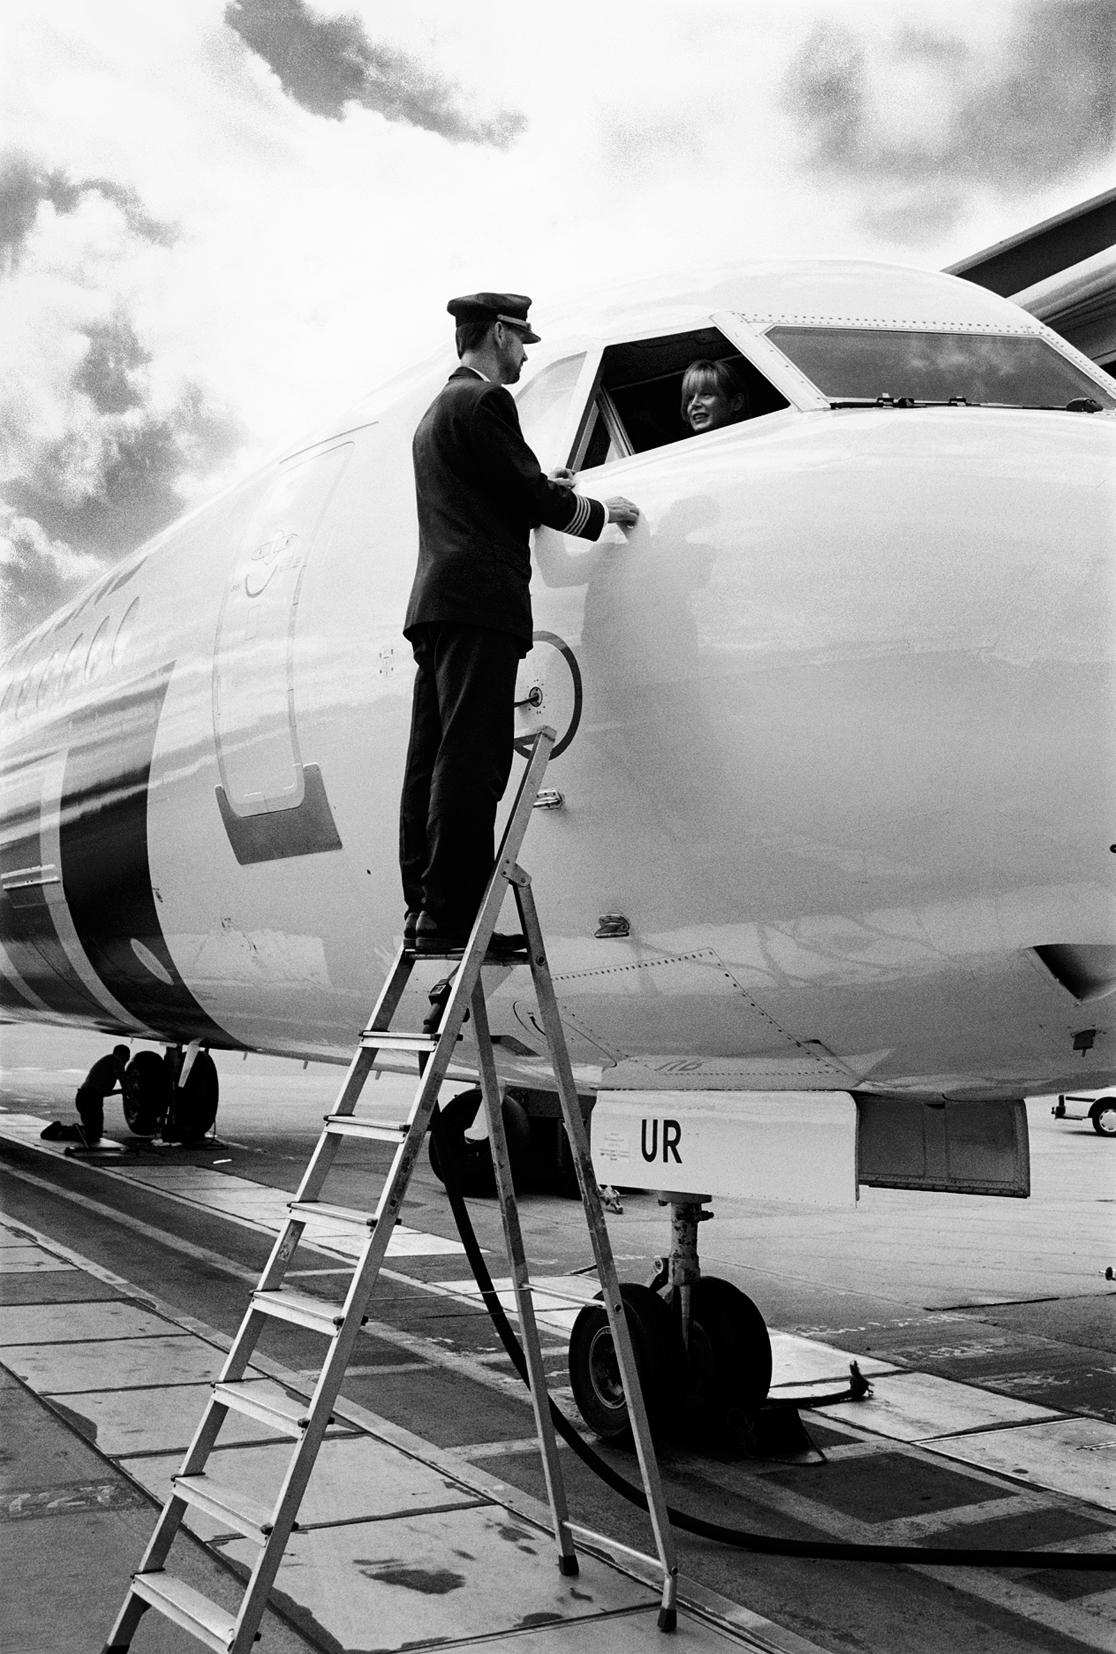 © Thomas Wågström  Titel: Pilot  Plats/Datum: Arlanda, 2001 Bildmått: 11x17 cm Teknik: Arkivbeständig pigmentbläckutskrift  Montering: Säljs oinramad Upplaga: 5 + 2 AP Signerad: Ja  Pris: SEK 2 500  (Pris avser oinramad bild)